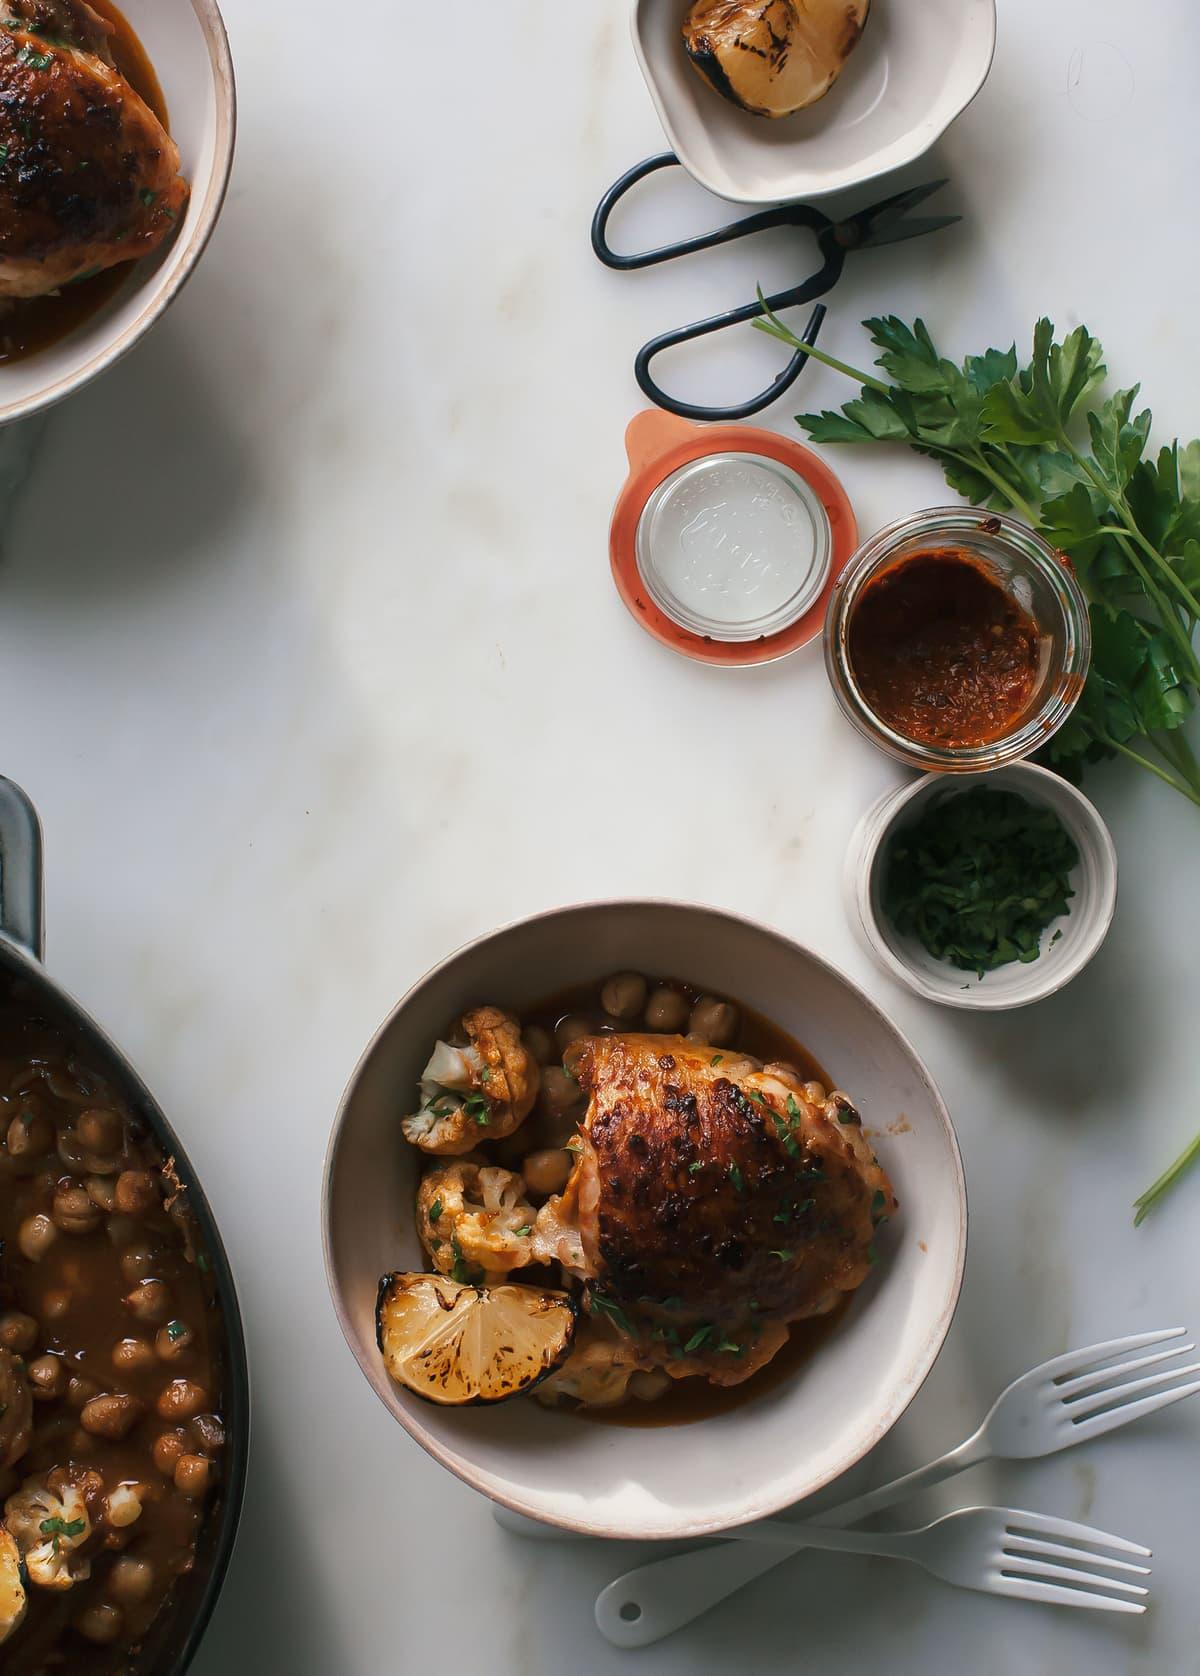 Homemade Harissa + Roasted Harissa Chicken with Chickpeas & Cauliflower